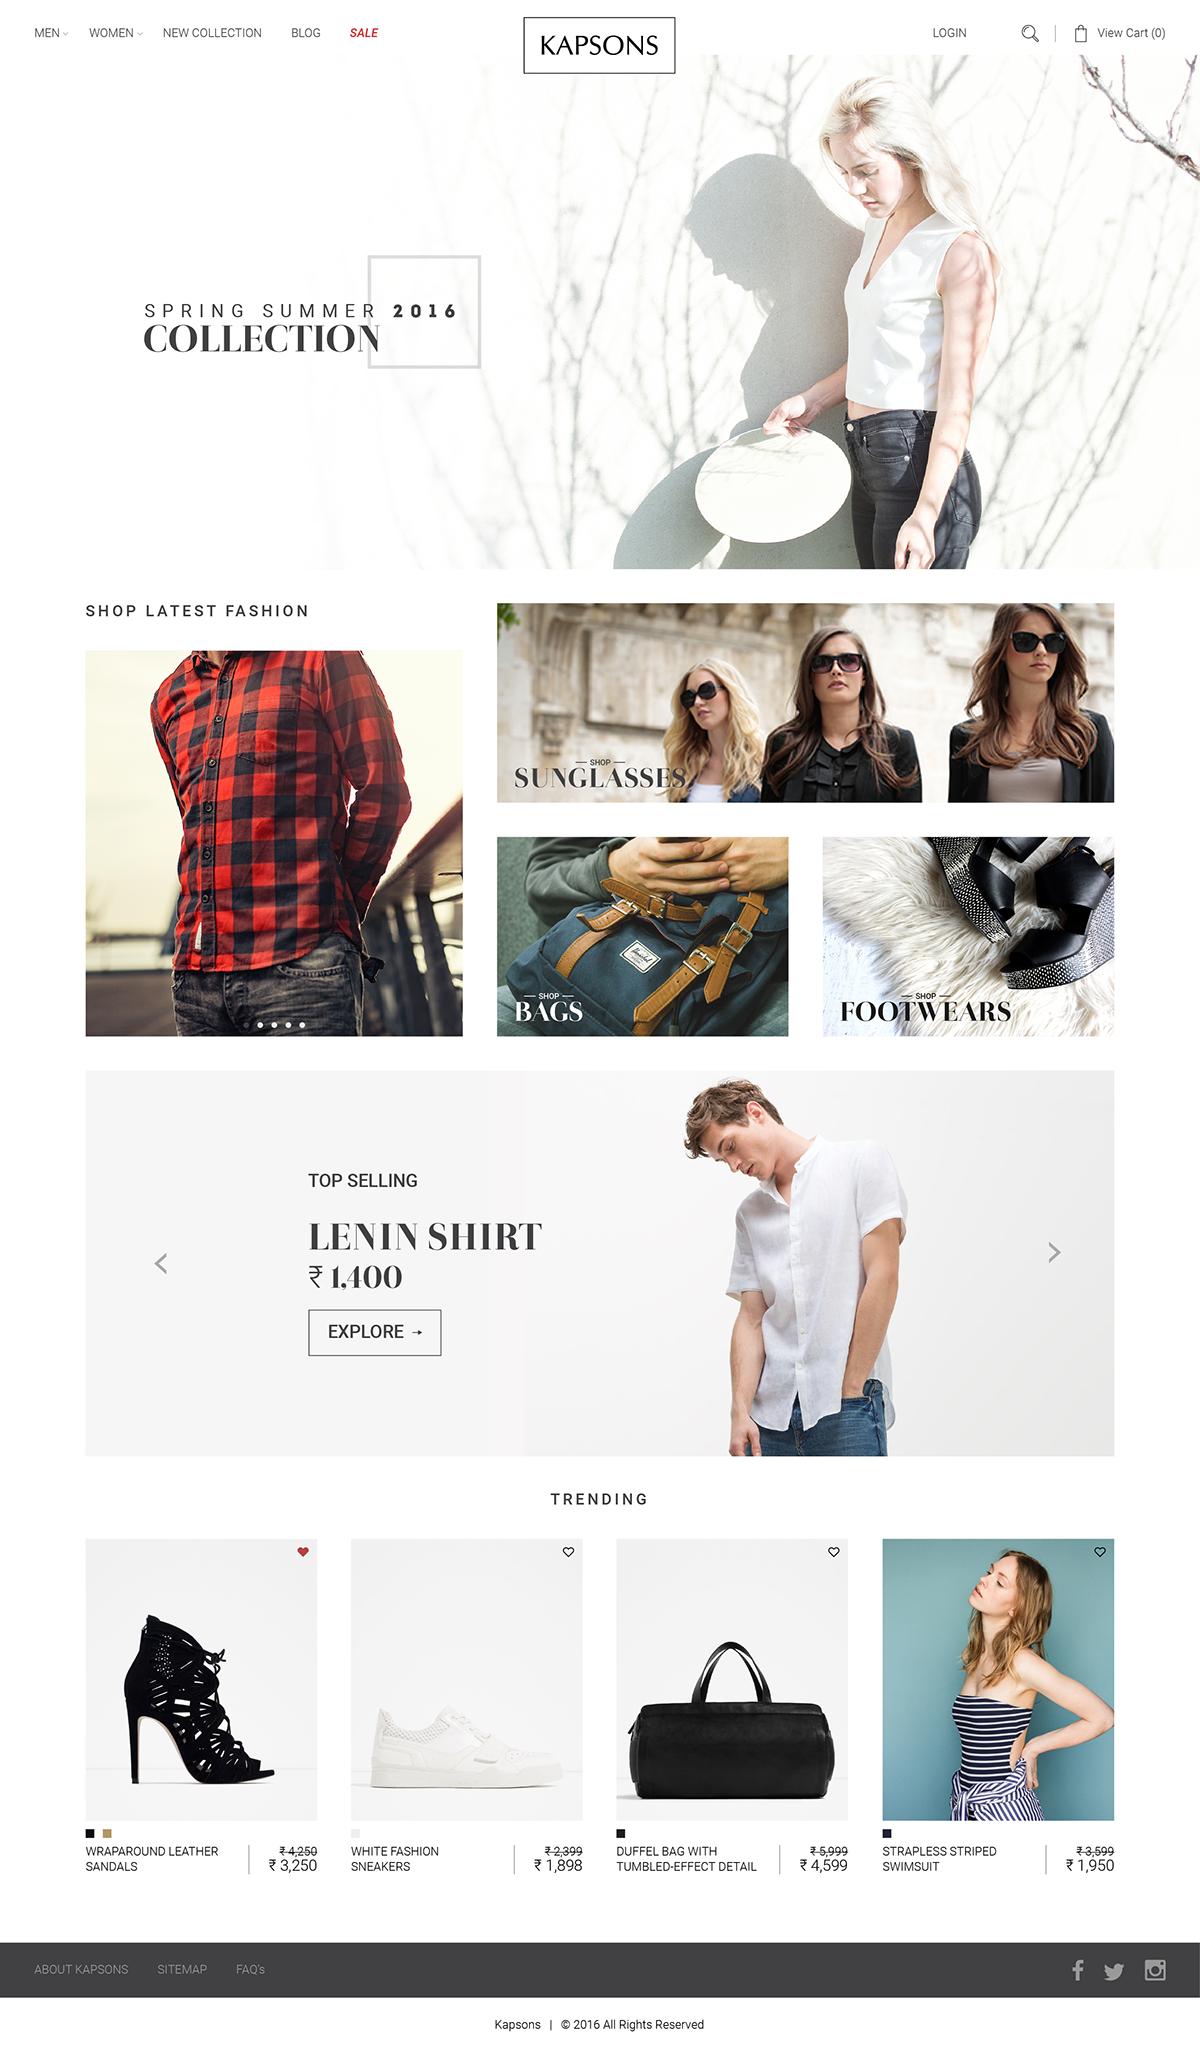 kapsons Website Shopping Ecommerce graphics men women bags online shopping